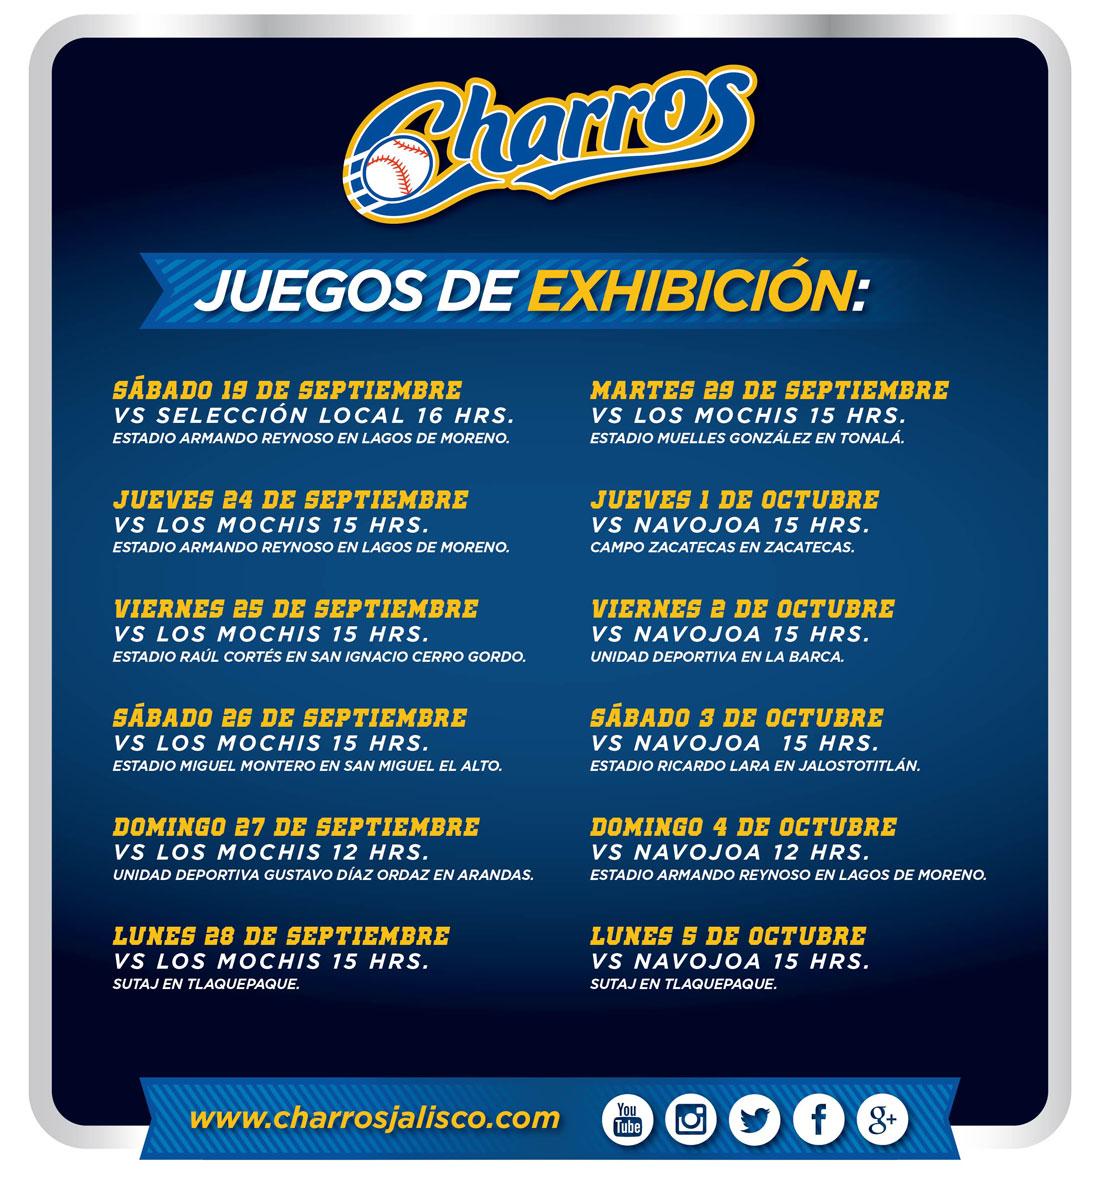 Calendario de juegos de exhibición Charros de Jalisco